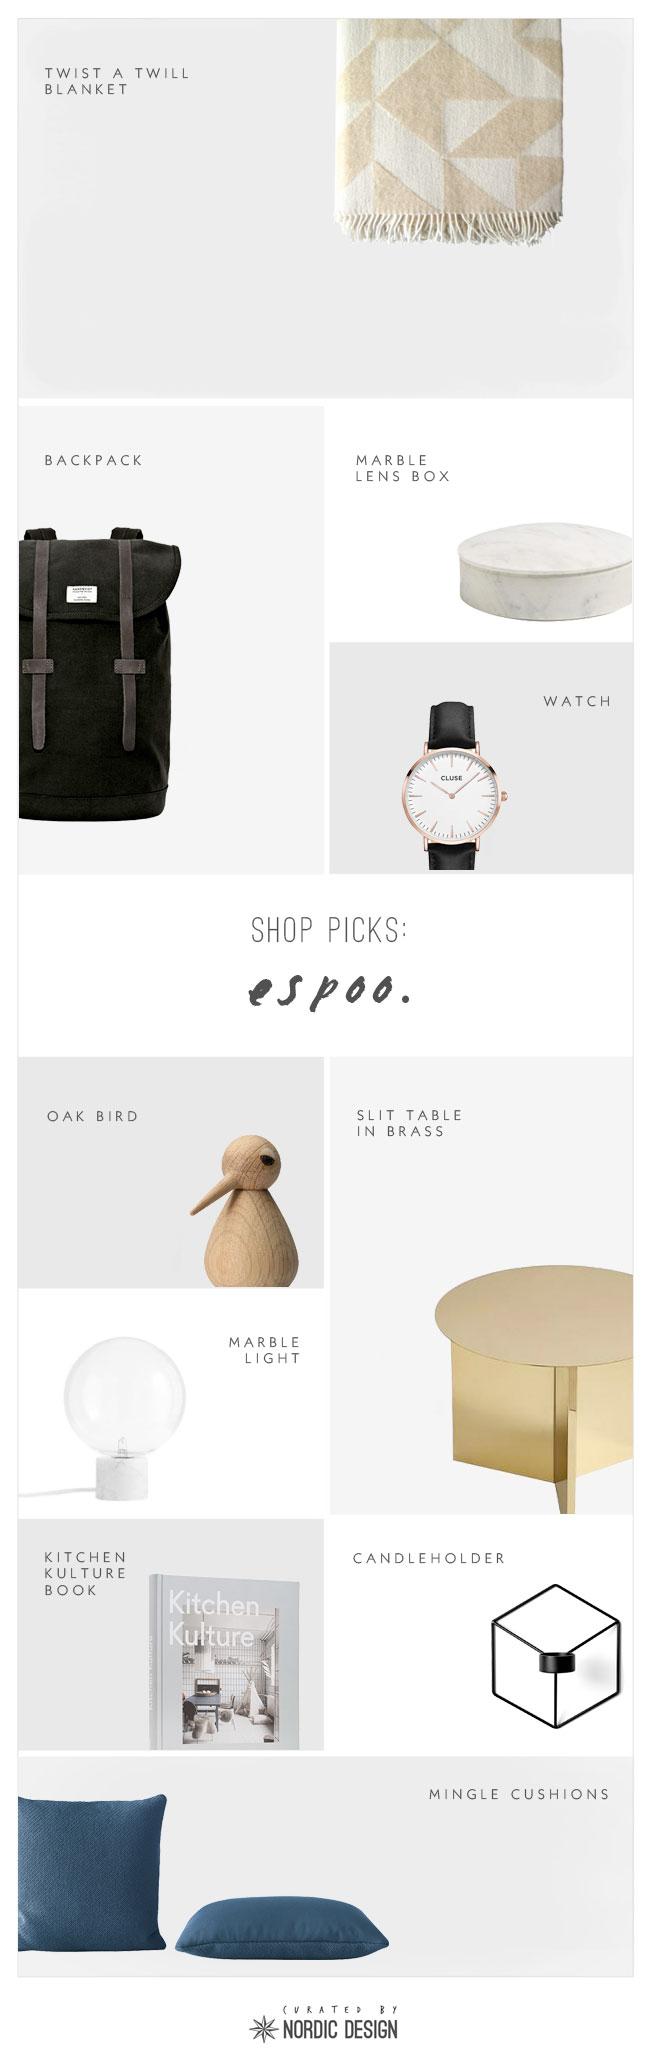 Shop-picks-espoo